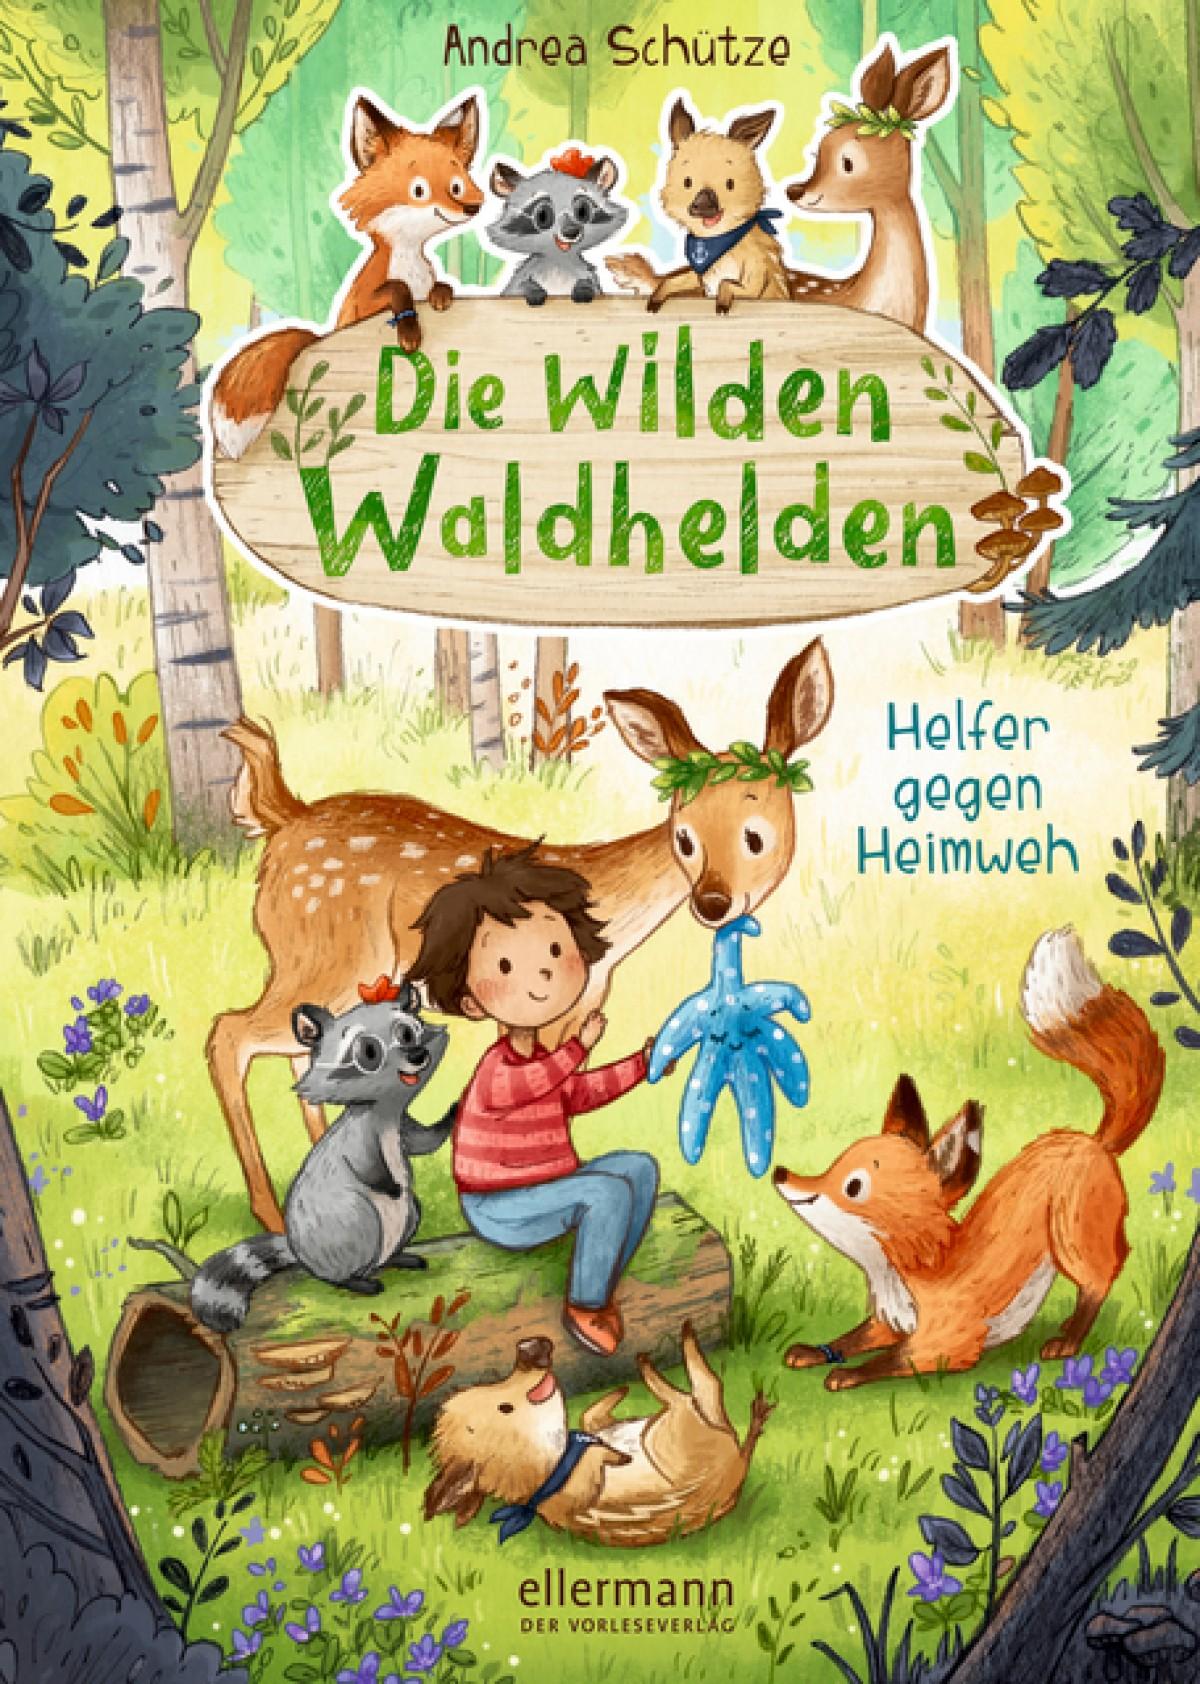 Buch Andrea Schütze, Die wilden Waldhelden